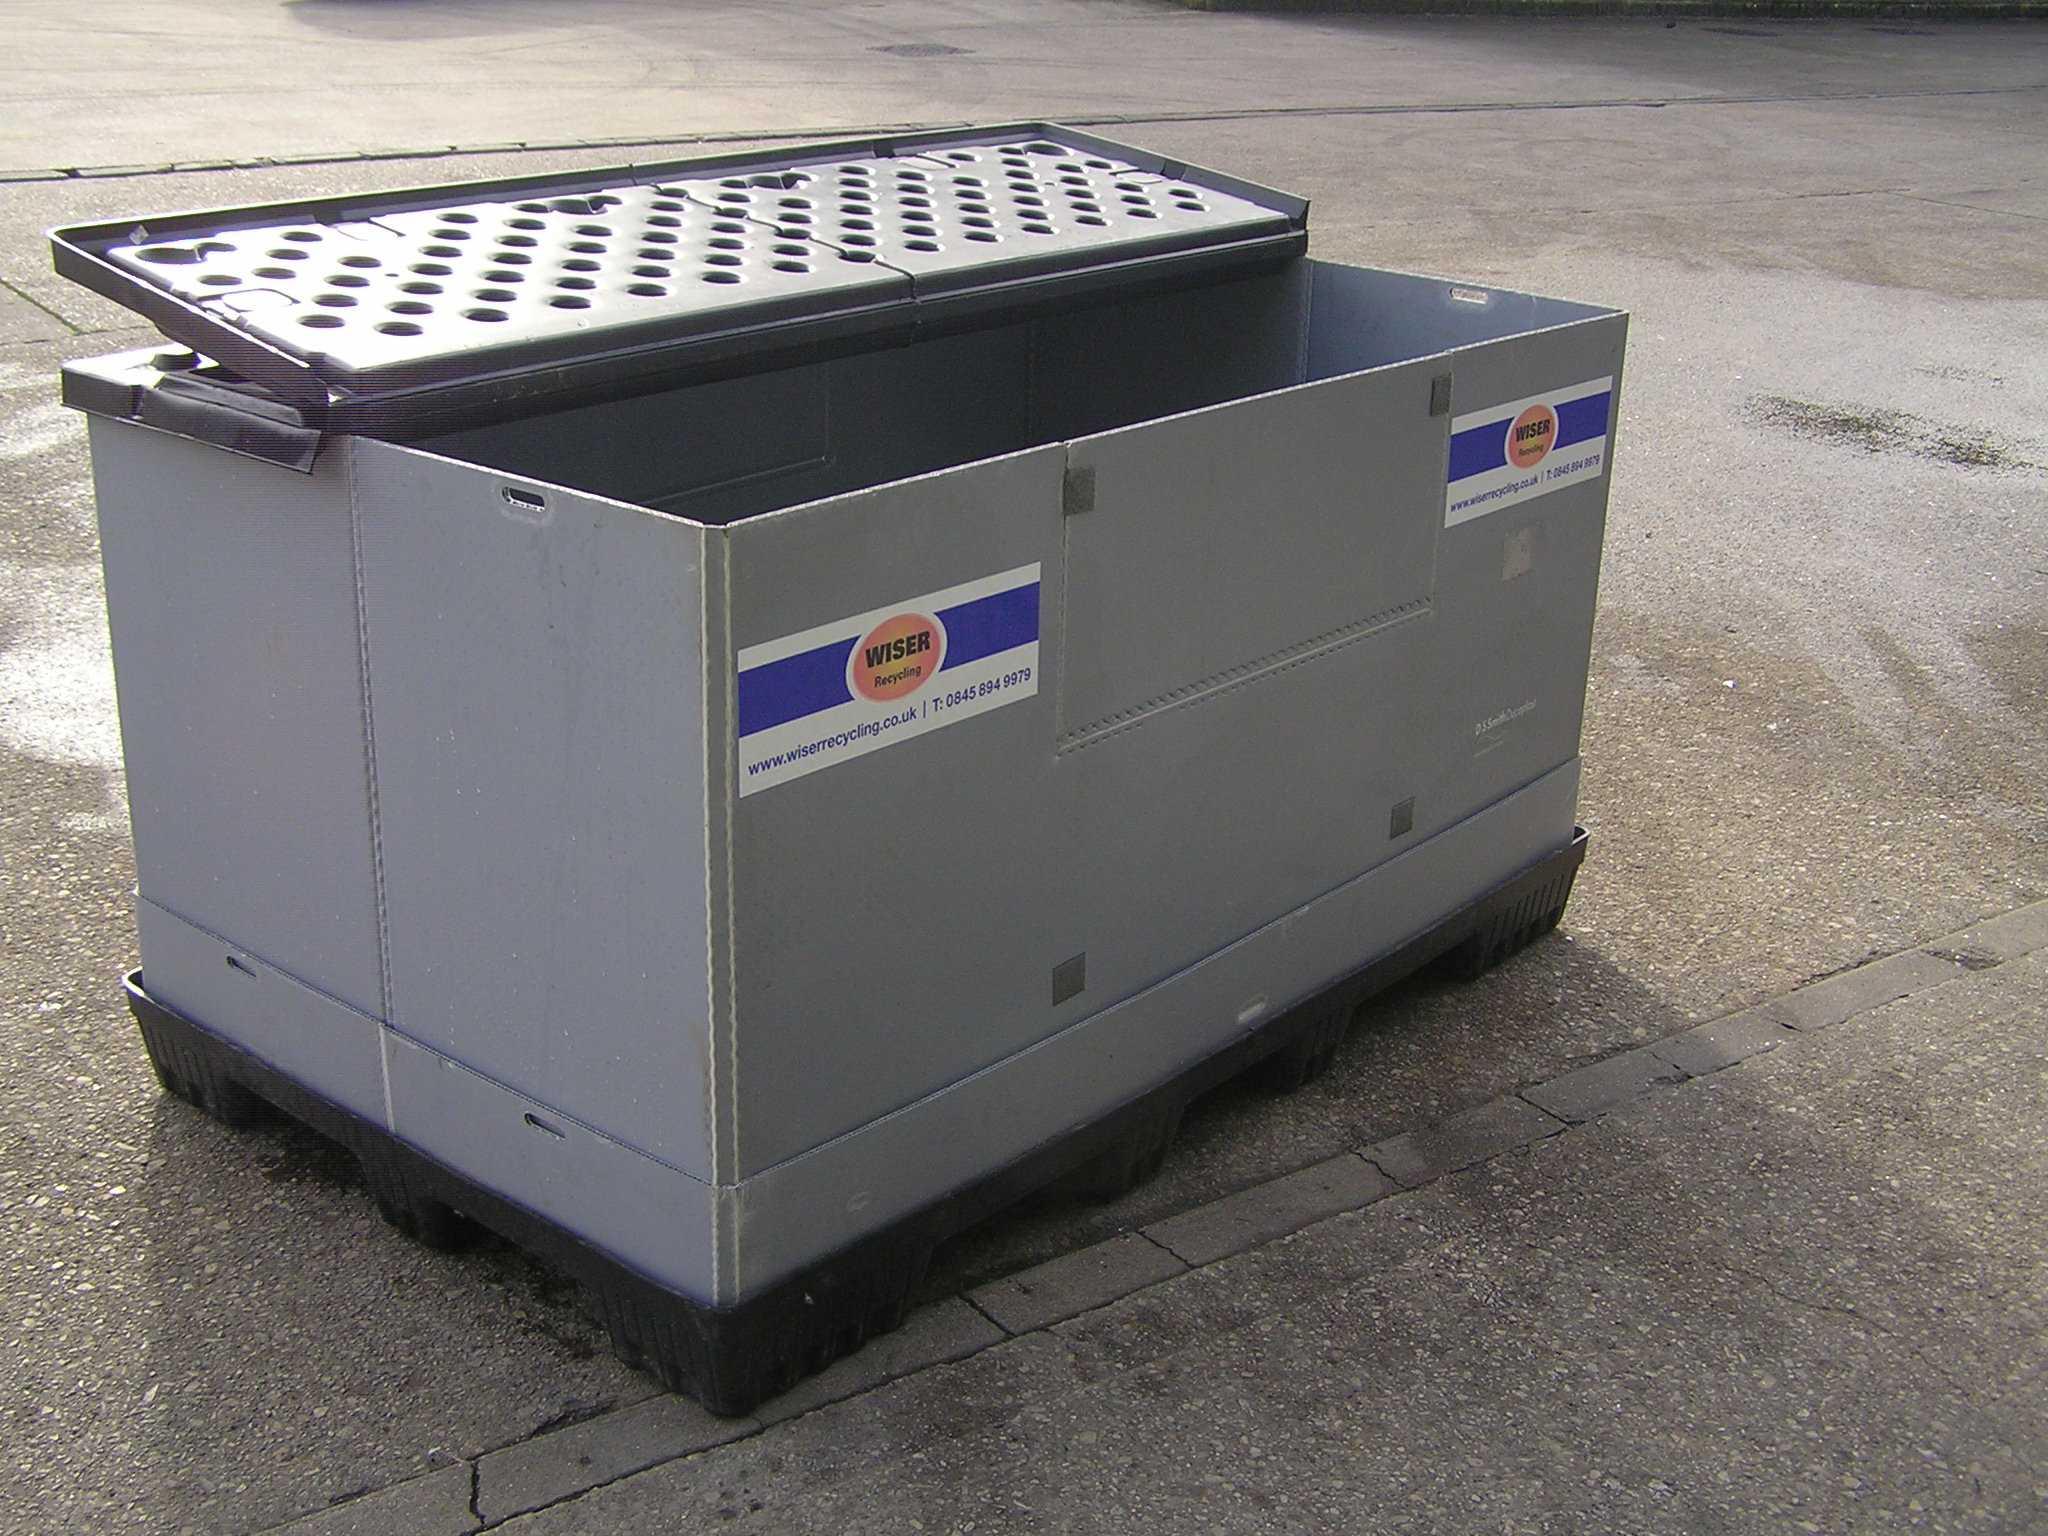 В контейнерах подобного рода должны храниться отработанные аккумуляторы